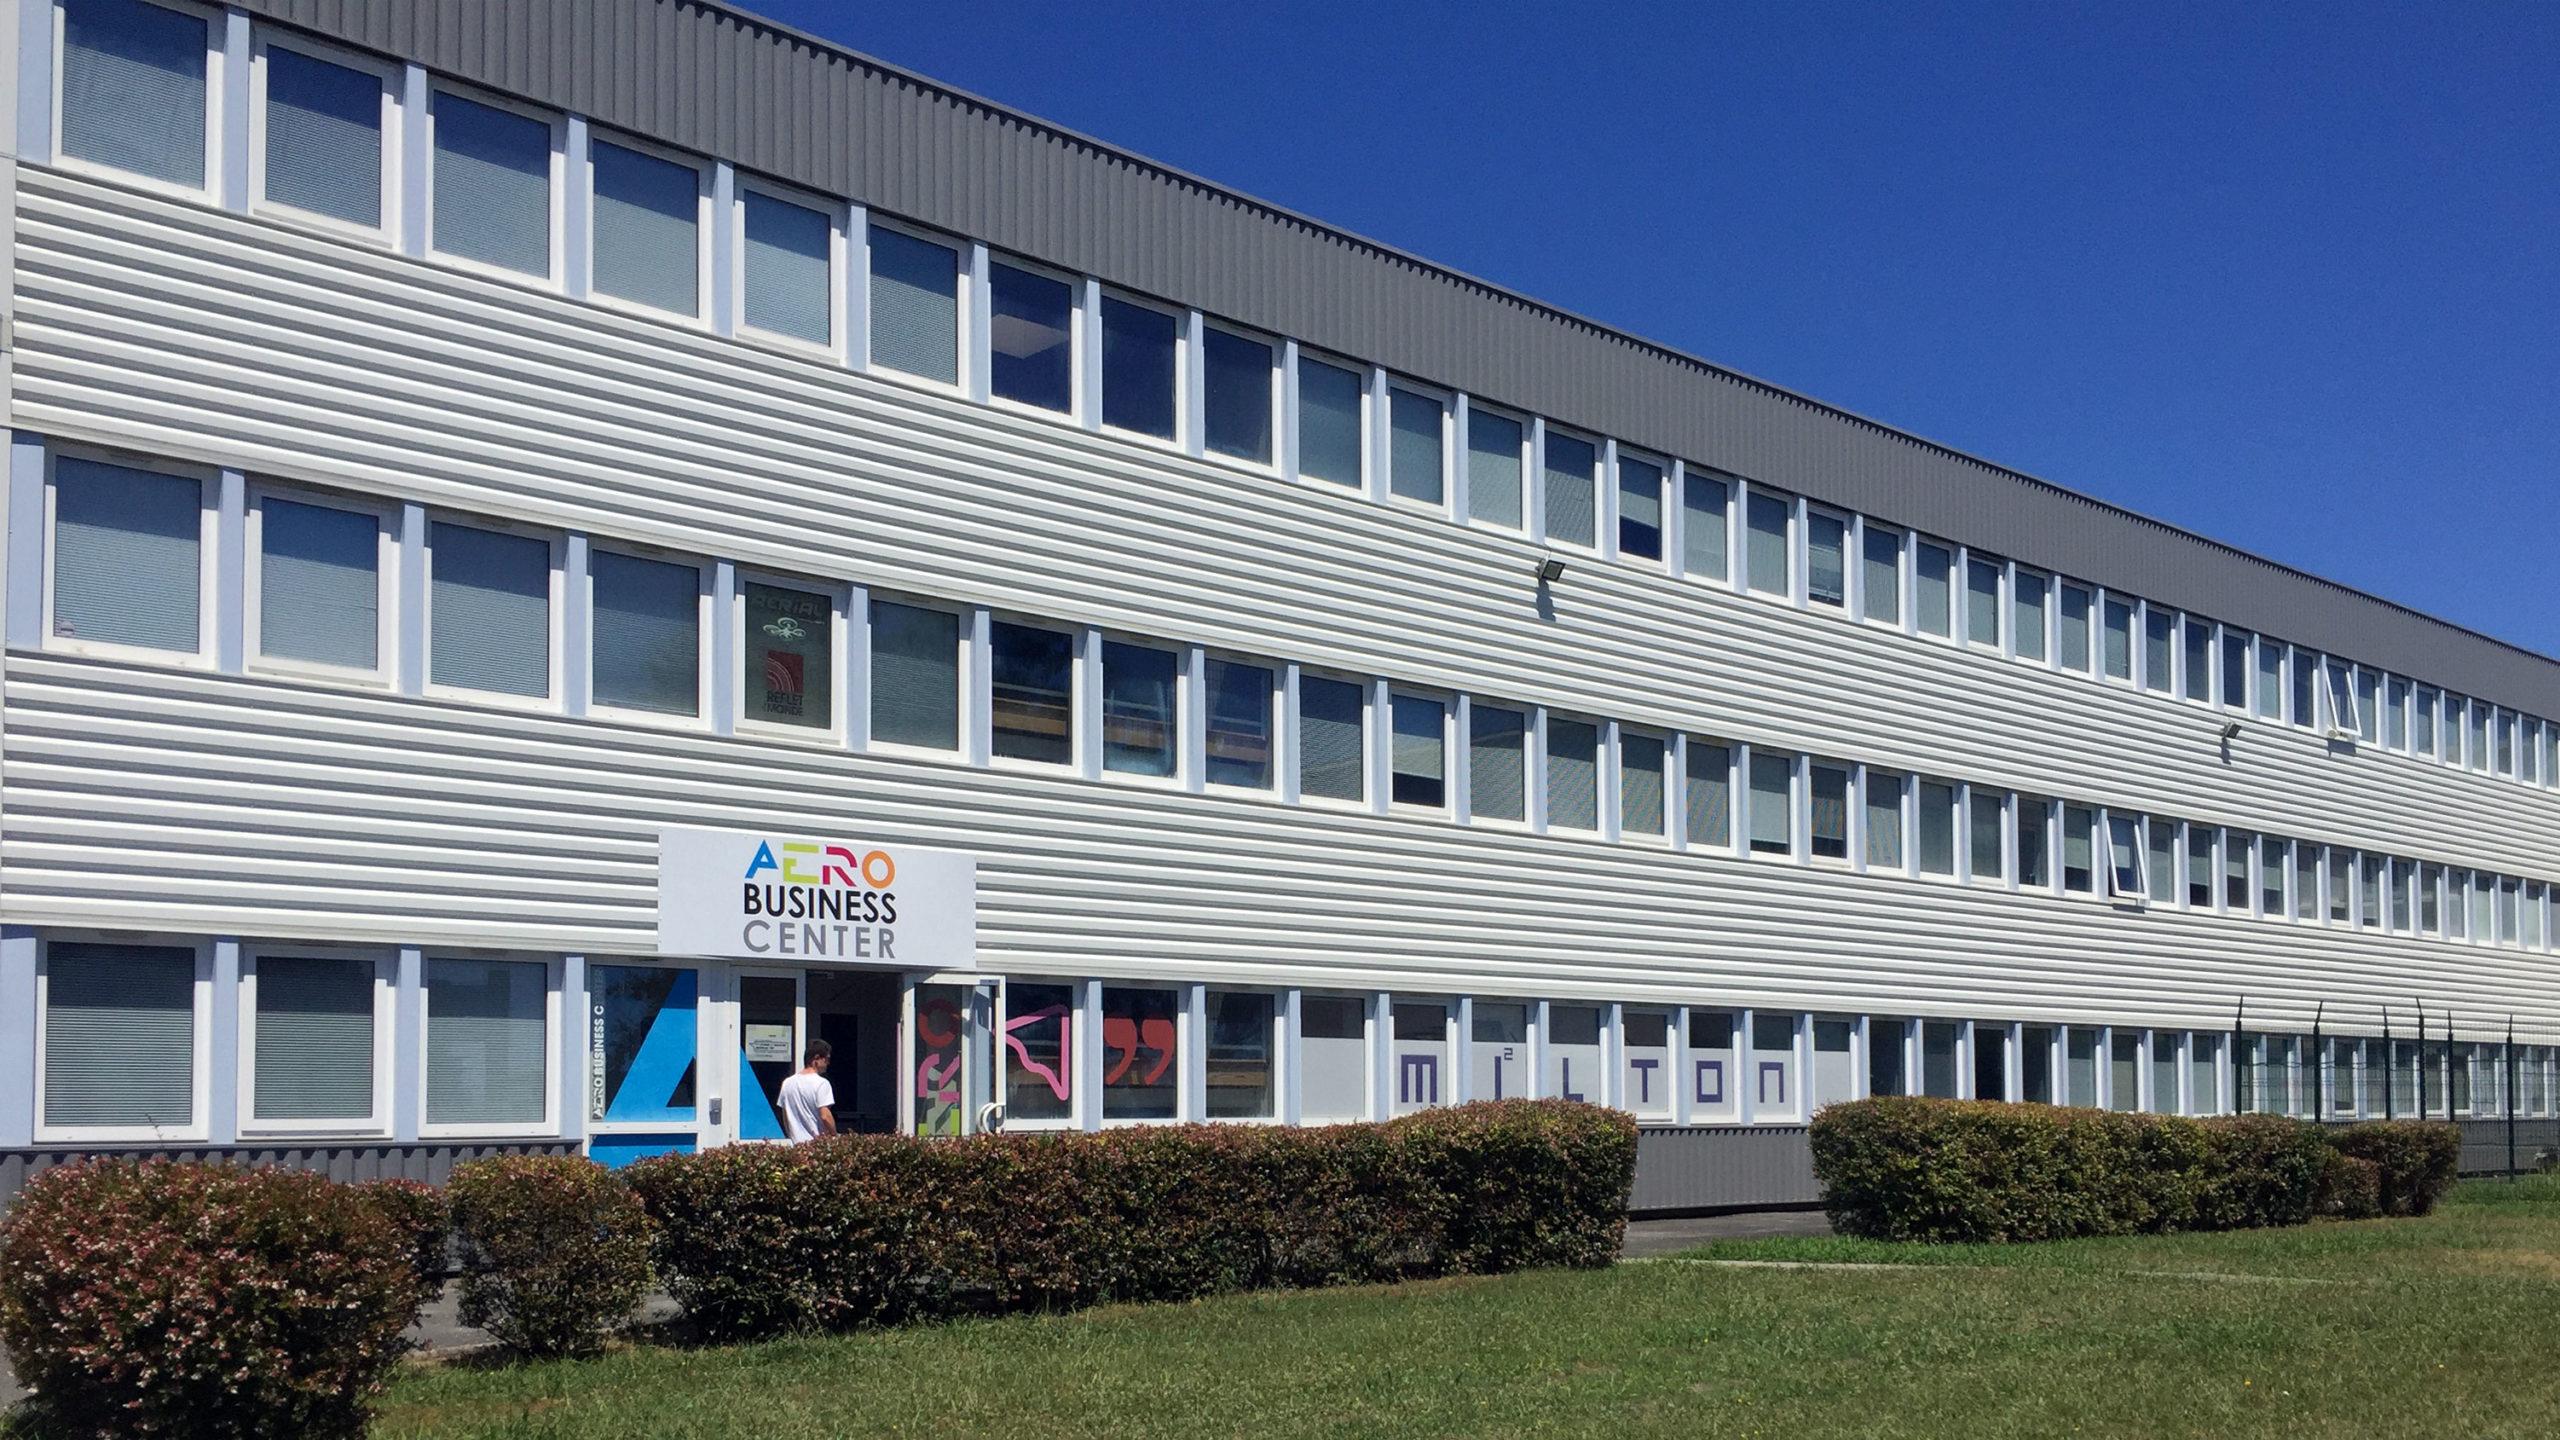 Aéro Business center